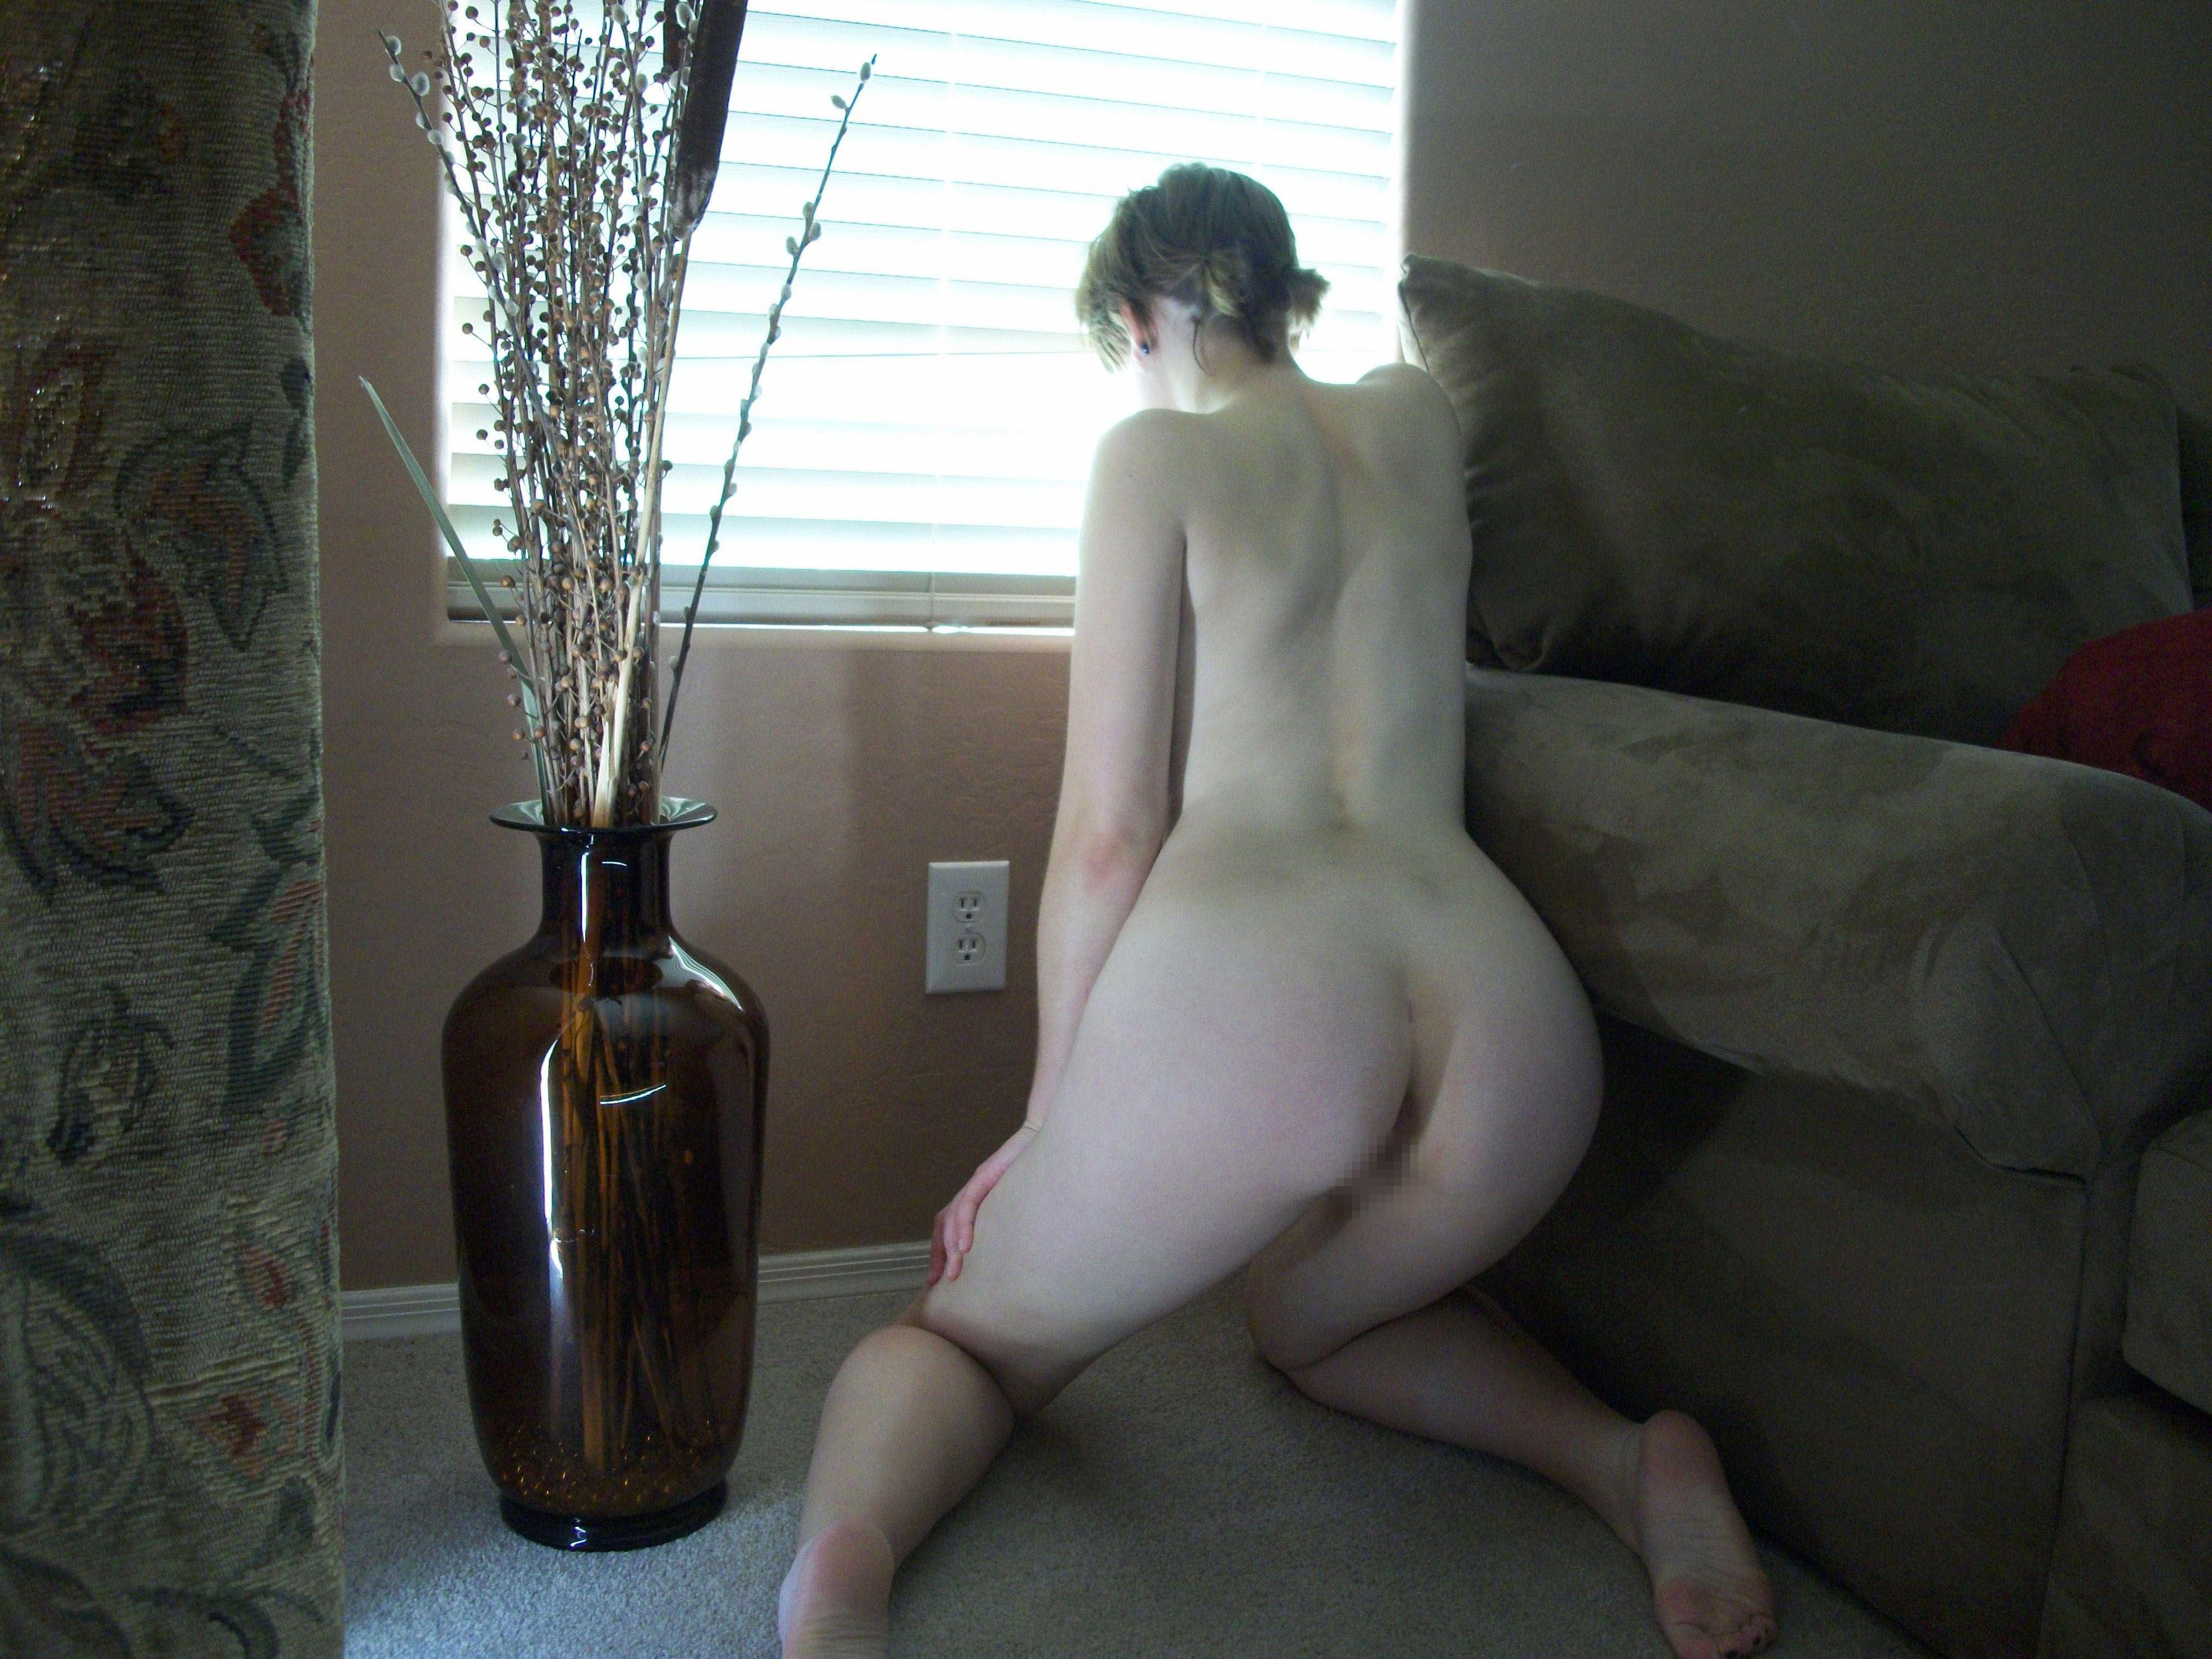 【外人】親に隠れて自宅でこっそりフルヌード自画撮りしてるポルノ画像 13168